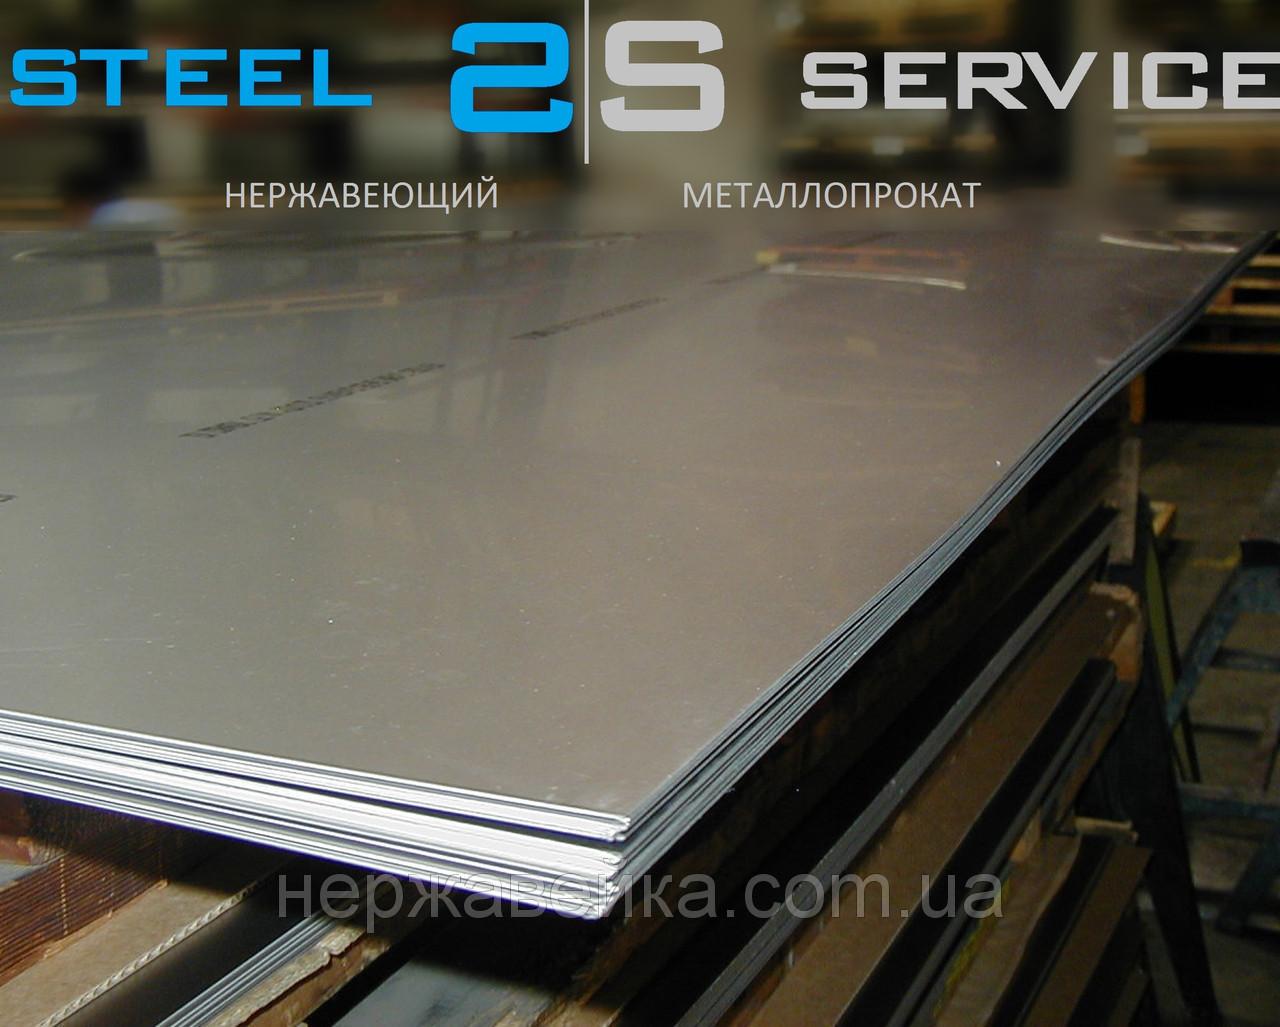 Нержавеющий лист 10х1500х6000мм  AISI 310(20Х23Н18) F1 - горячекатанный,  жаропрочный